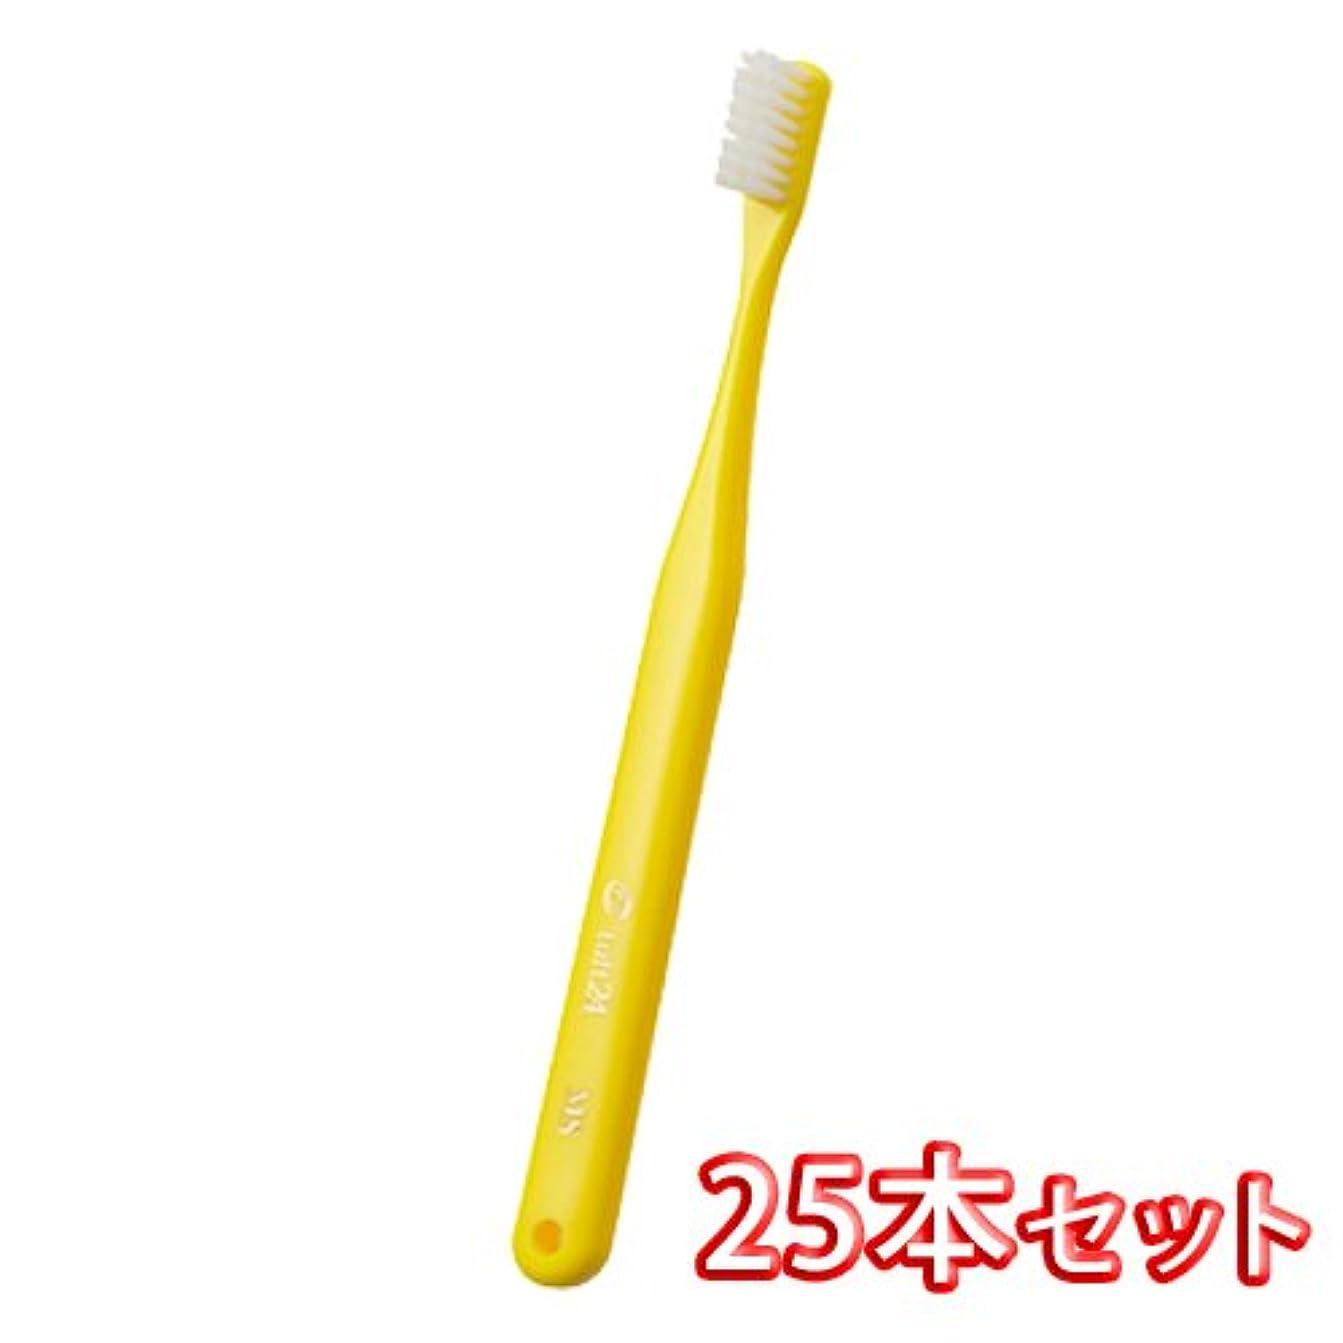 ぺディカブゲーム関与するオーラルケア キャップ付き タフト 24歯ブラシ 25本入 ミディアム M (イエロー)